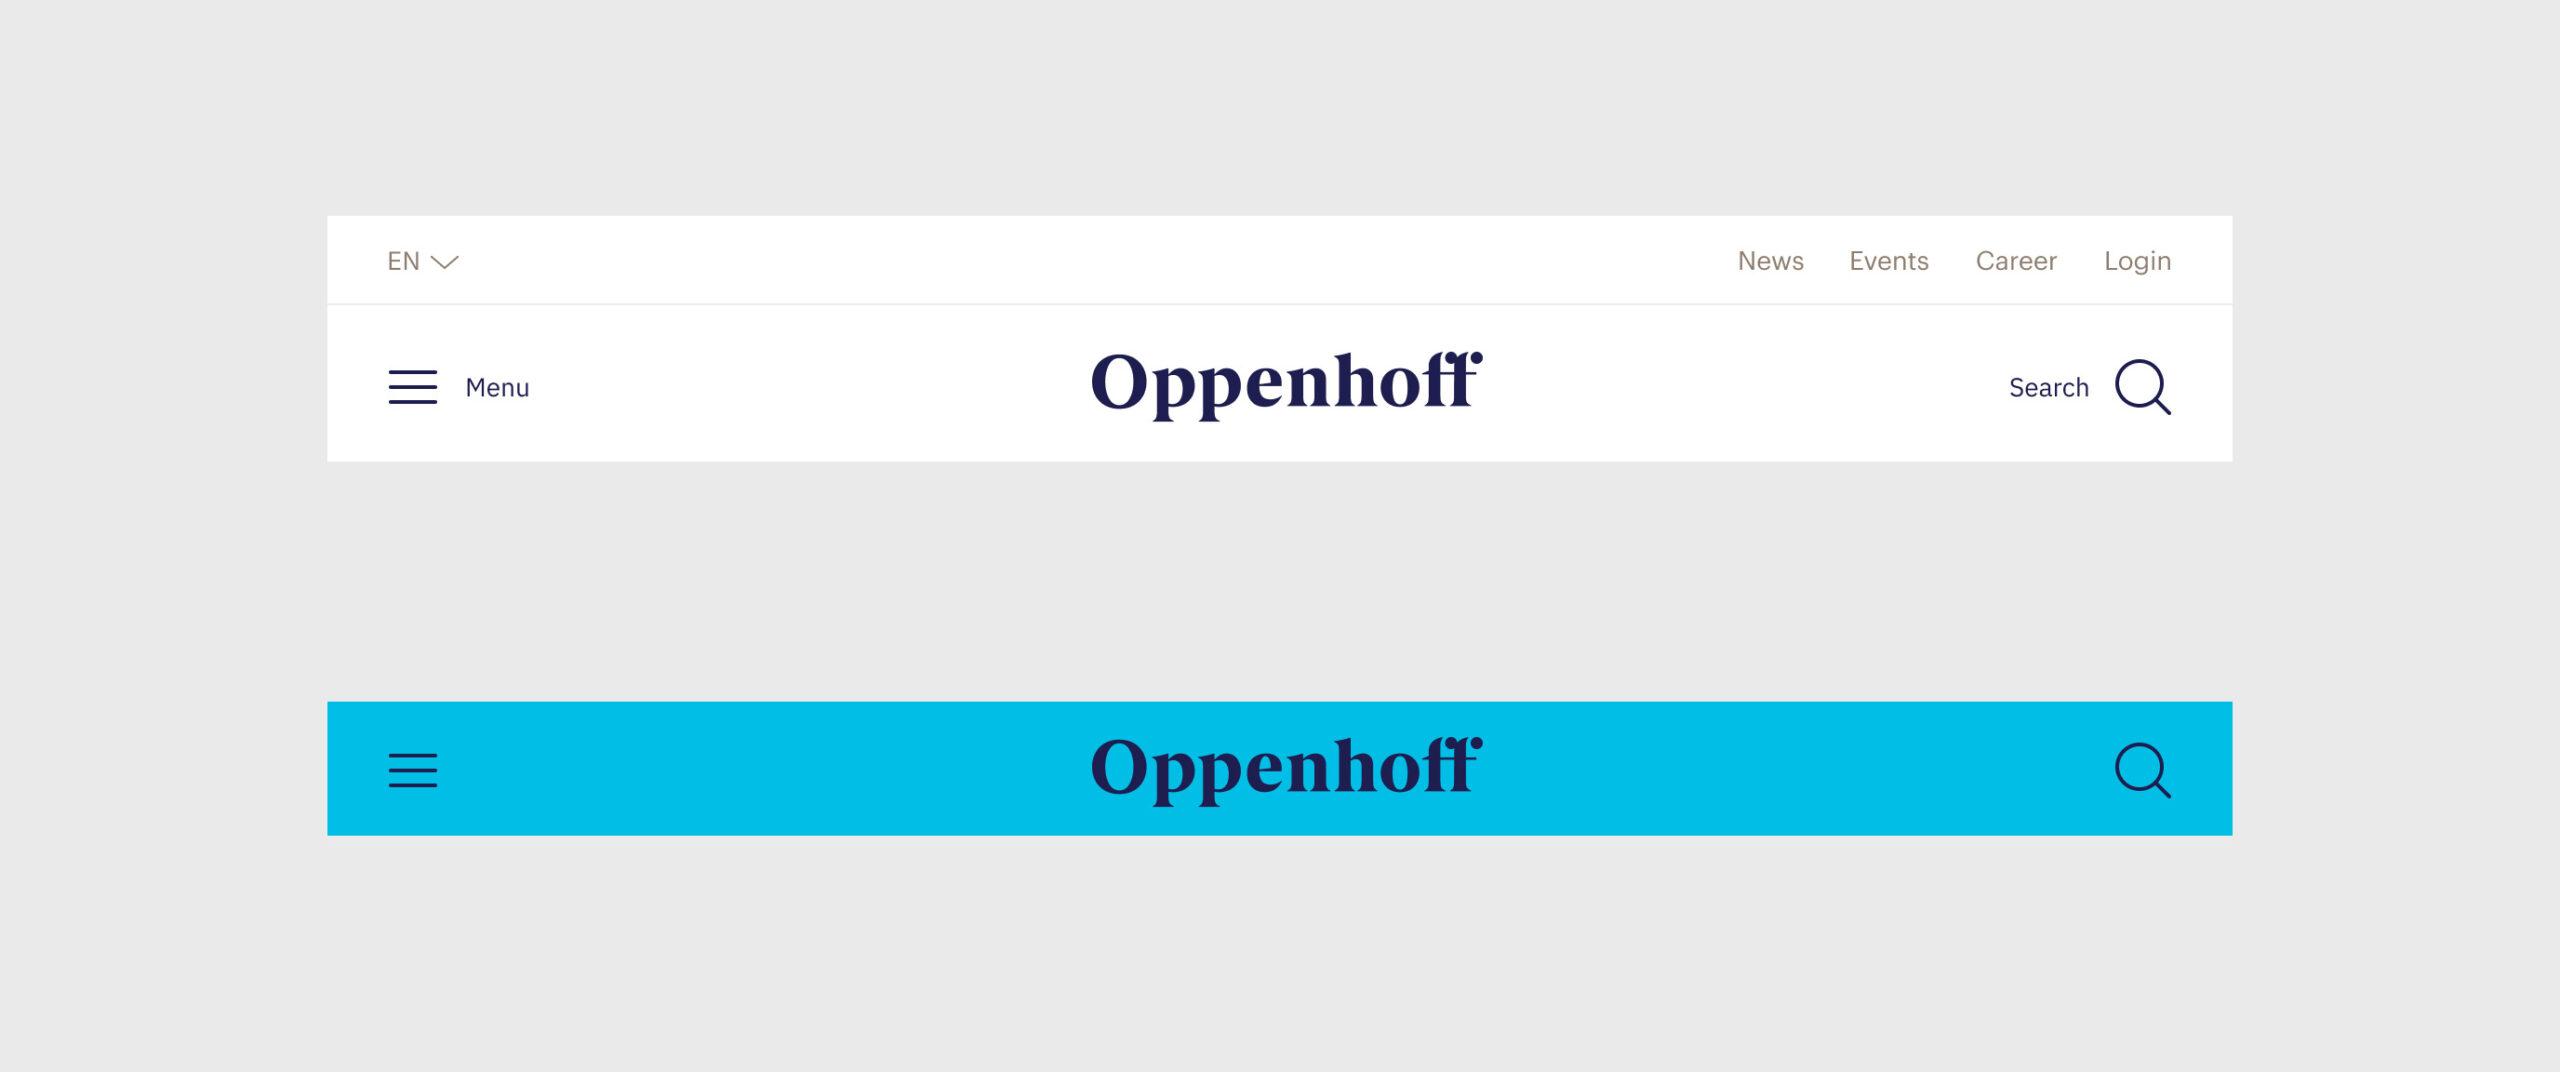 niklaslankenau_work_oppenhoff_branding_4-0